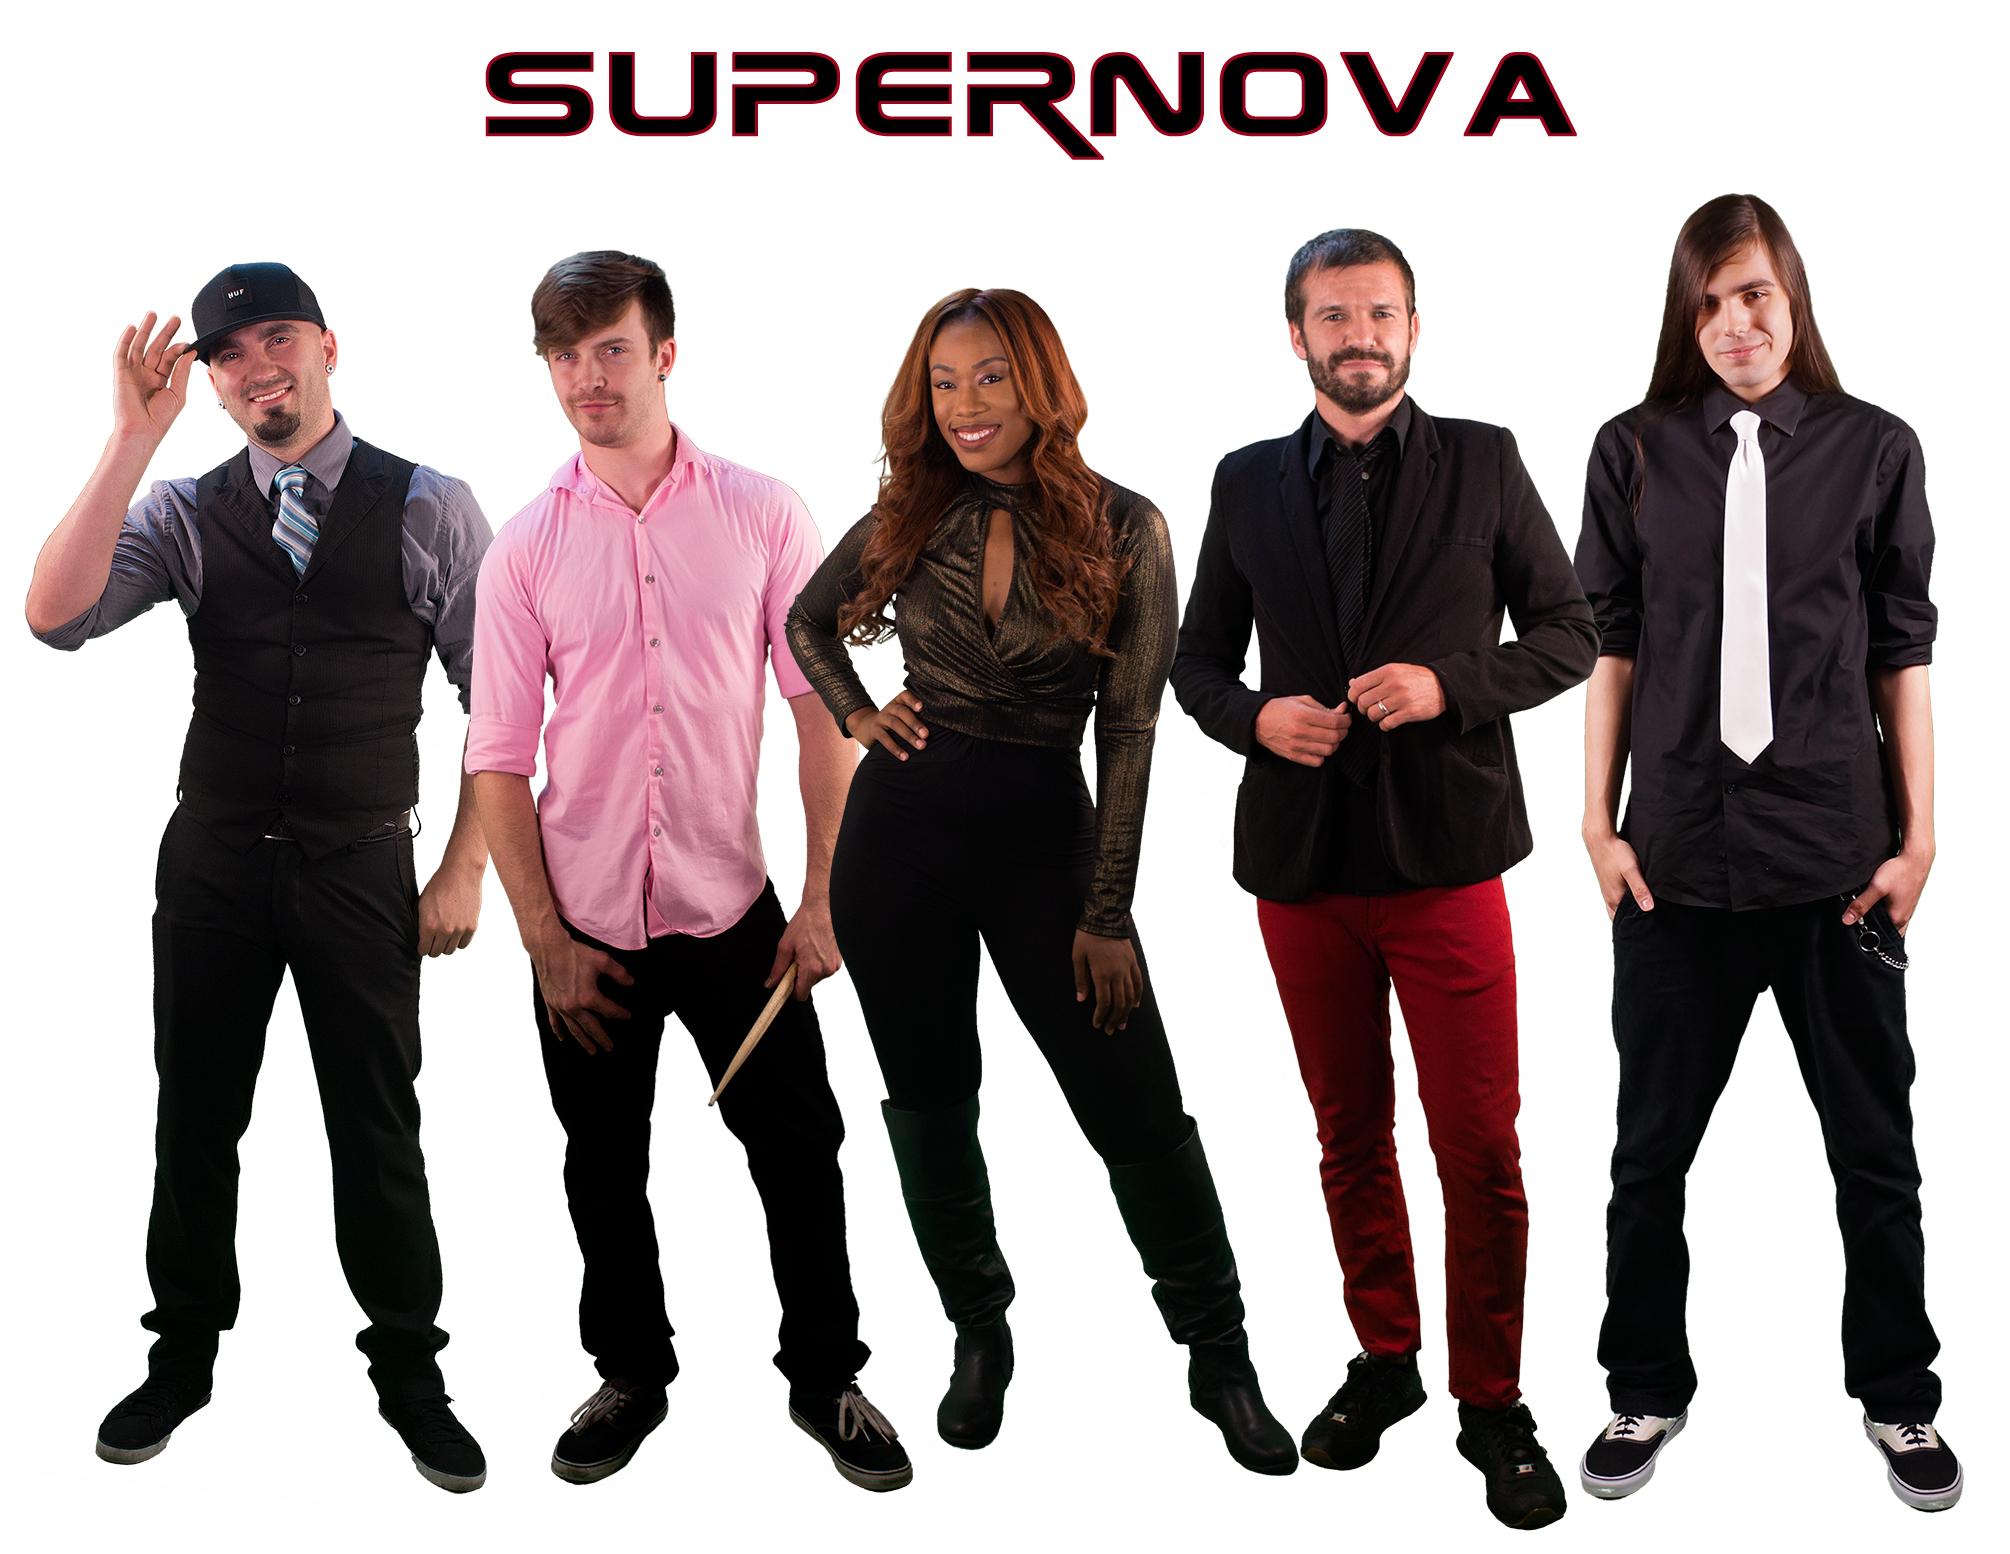 Supernova-promo